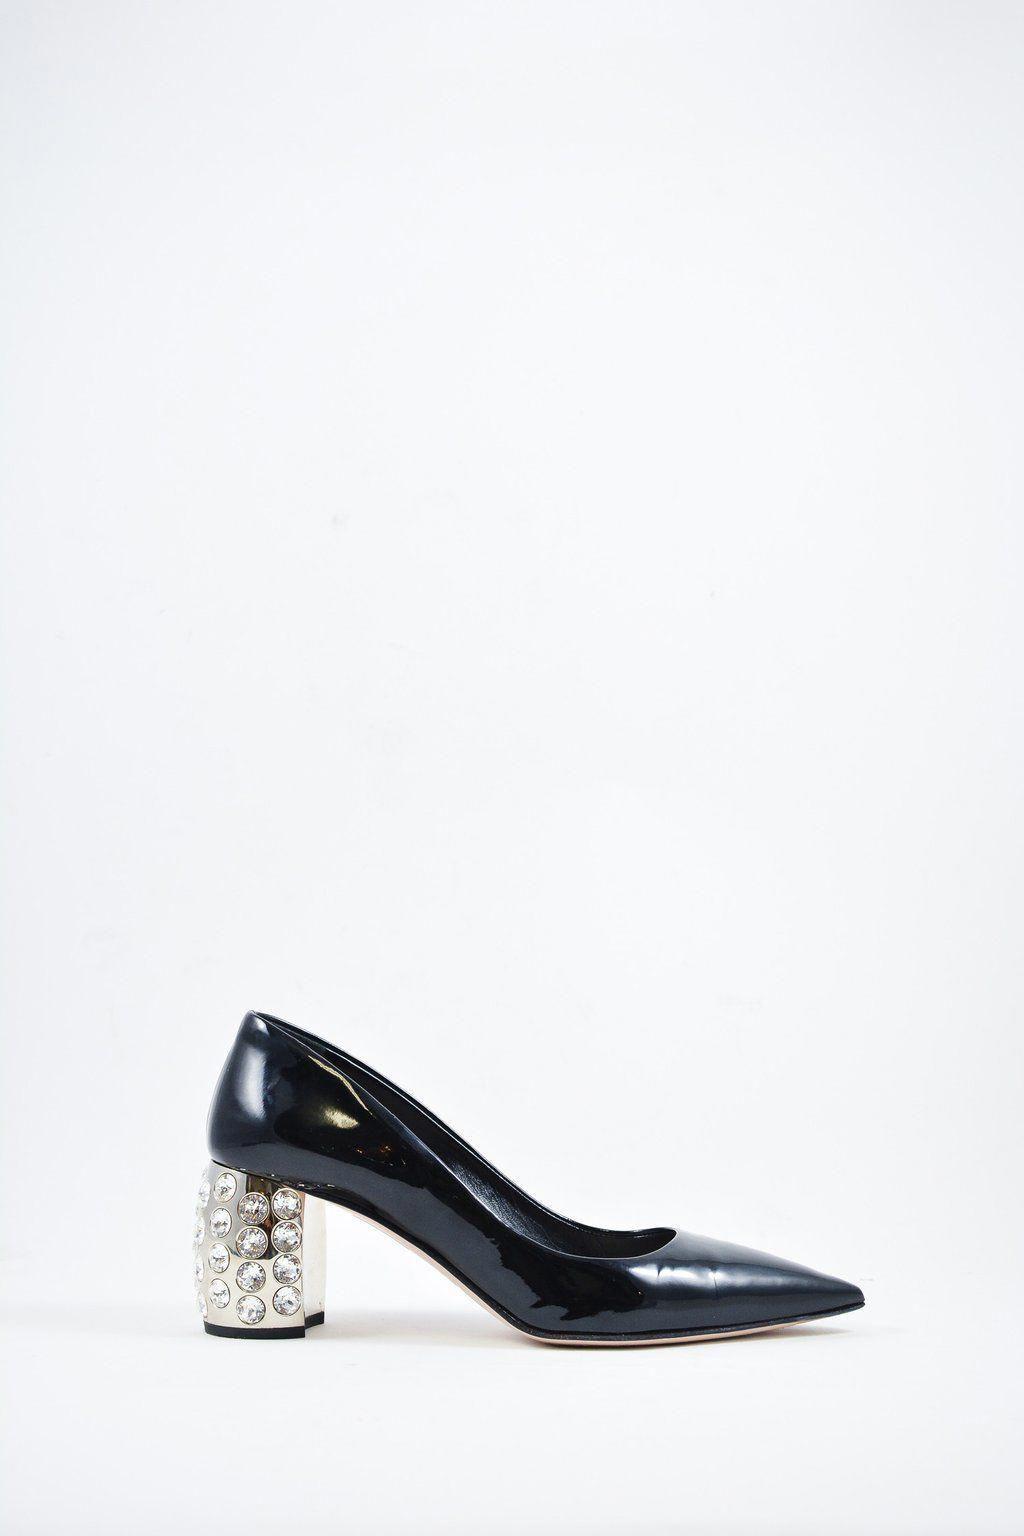 019c76851f4d Miu Miu Black Patent w  Crystal Heels Sz 34.5  MineAndYours  MiuMiu ...